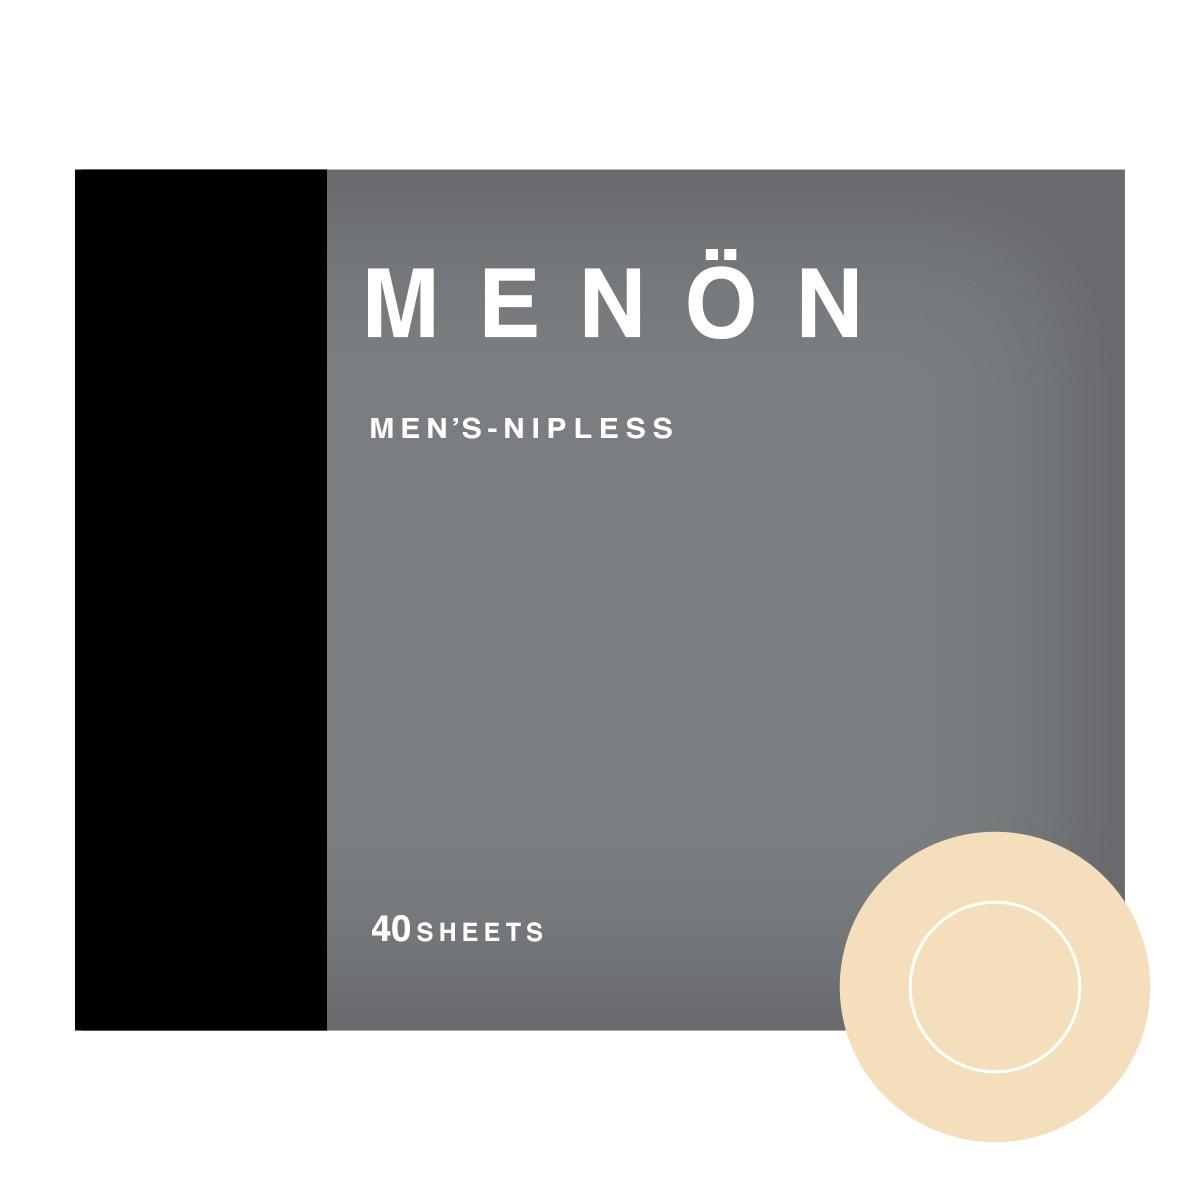 ニップレス 男性用 MENON 20セット (40枚) メンズ